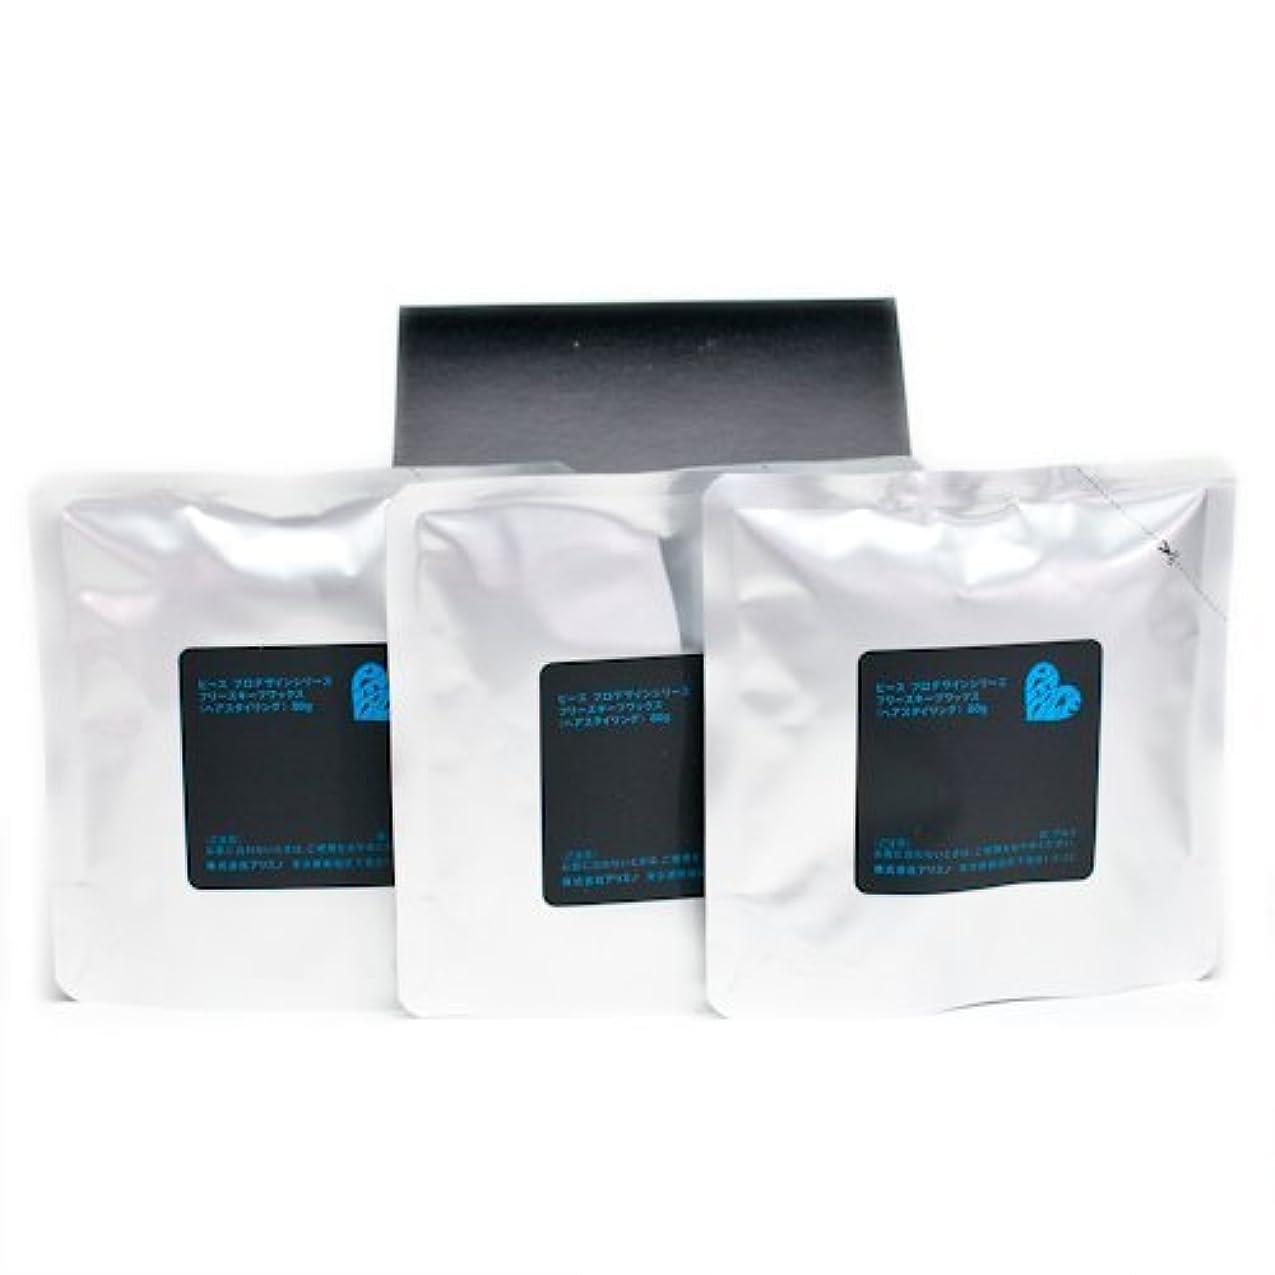 流行しているマリナー顔料アリミノ ピース フリーズキープワックス (ブラック)80g(業務?詰替用)×3個入り